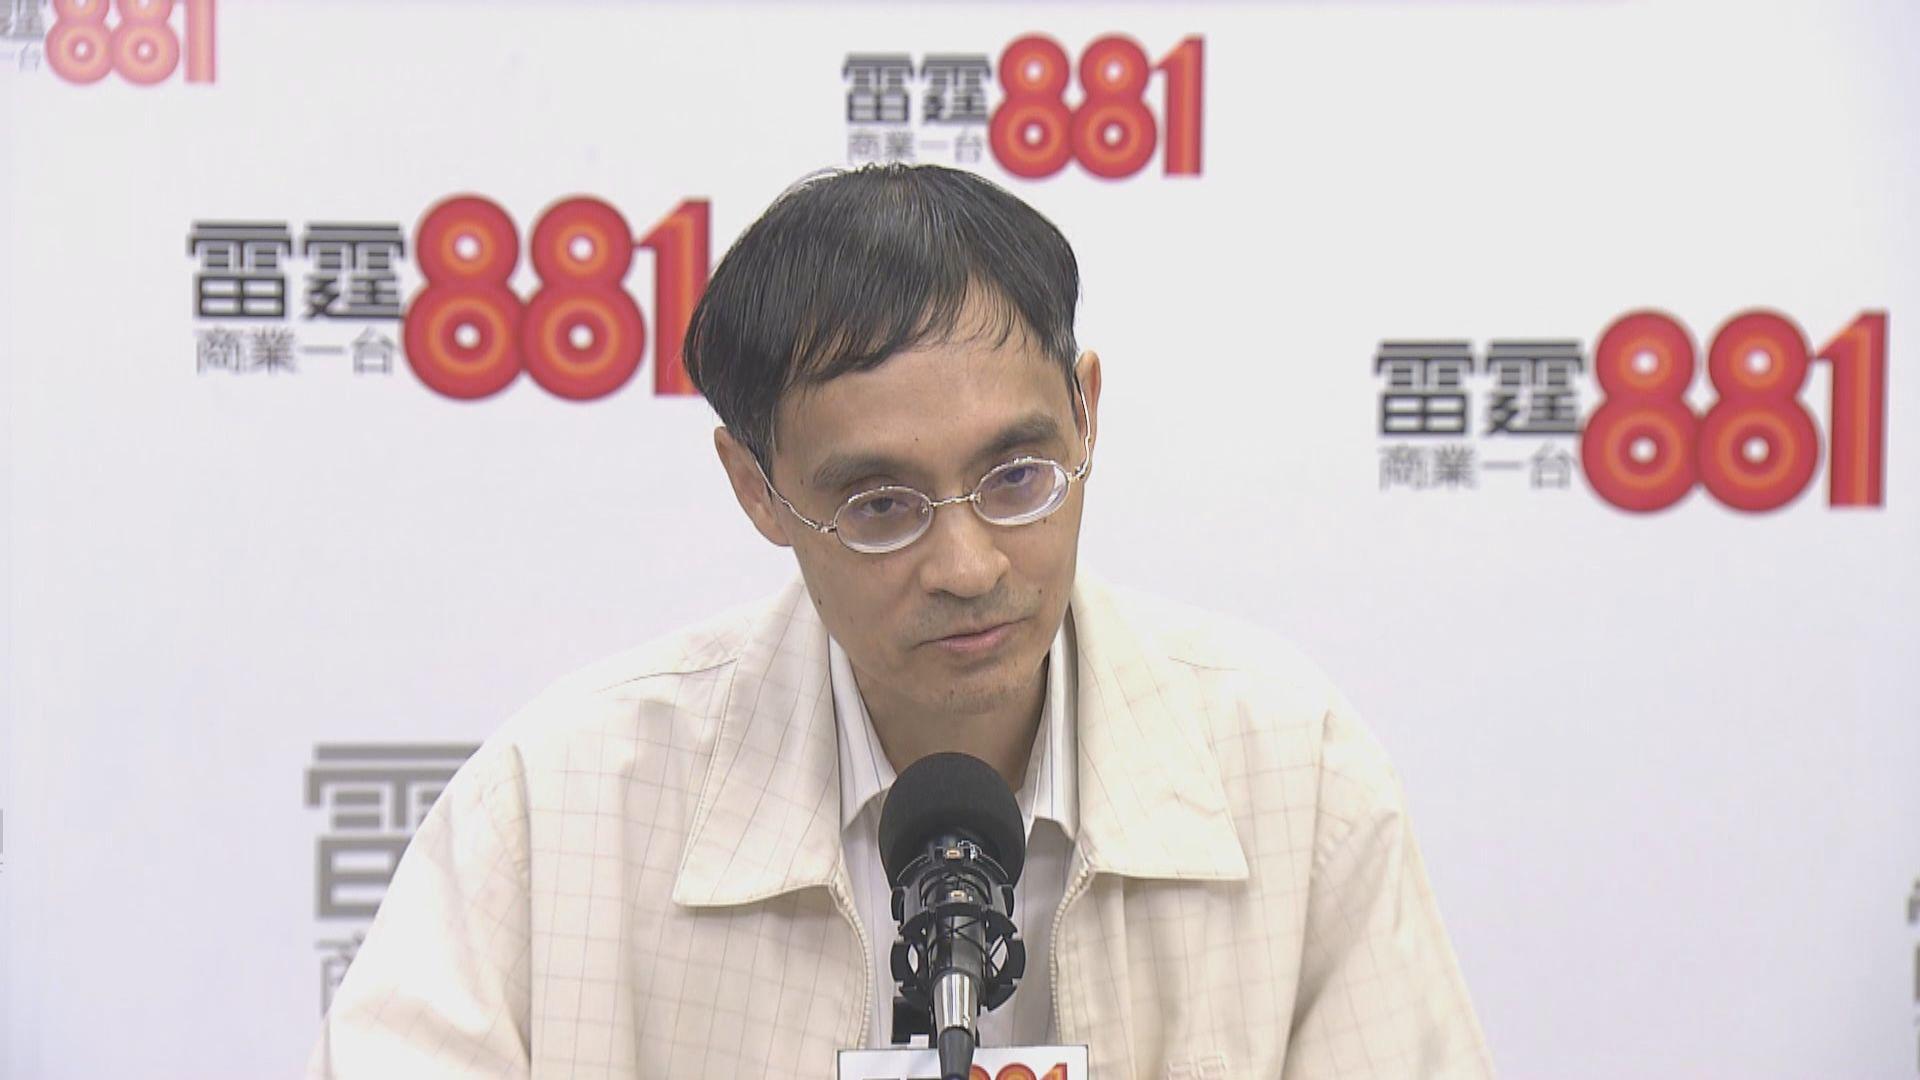 陳弘毅:若移交涉政治因素法官可參考案例